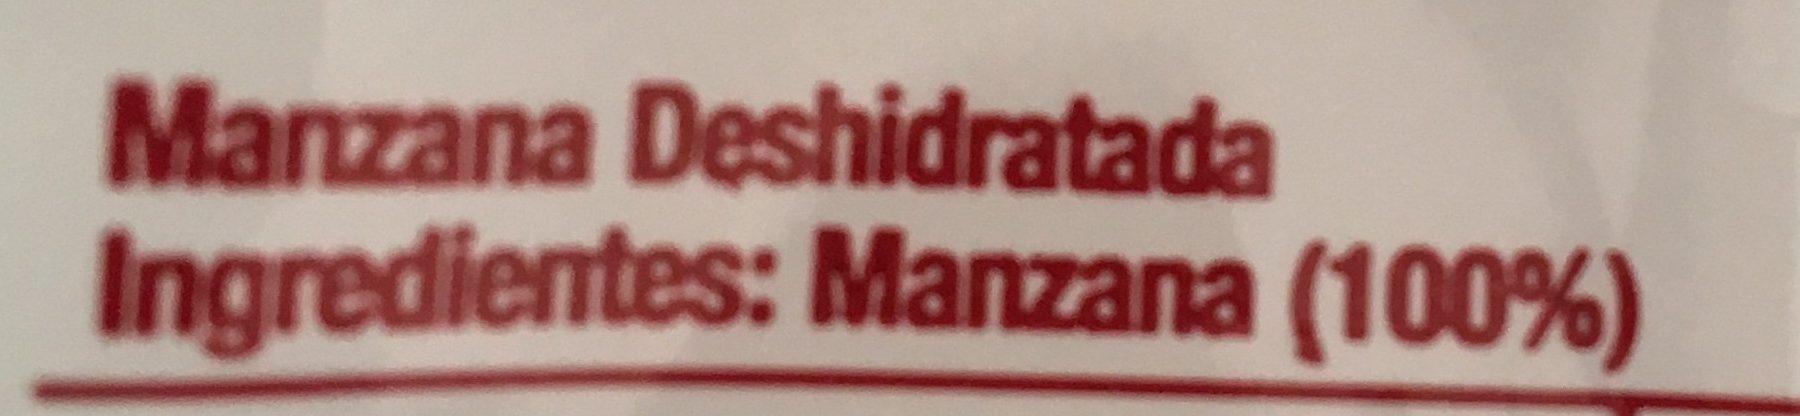 Manzana Deshidratada - Ingrédients - es